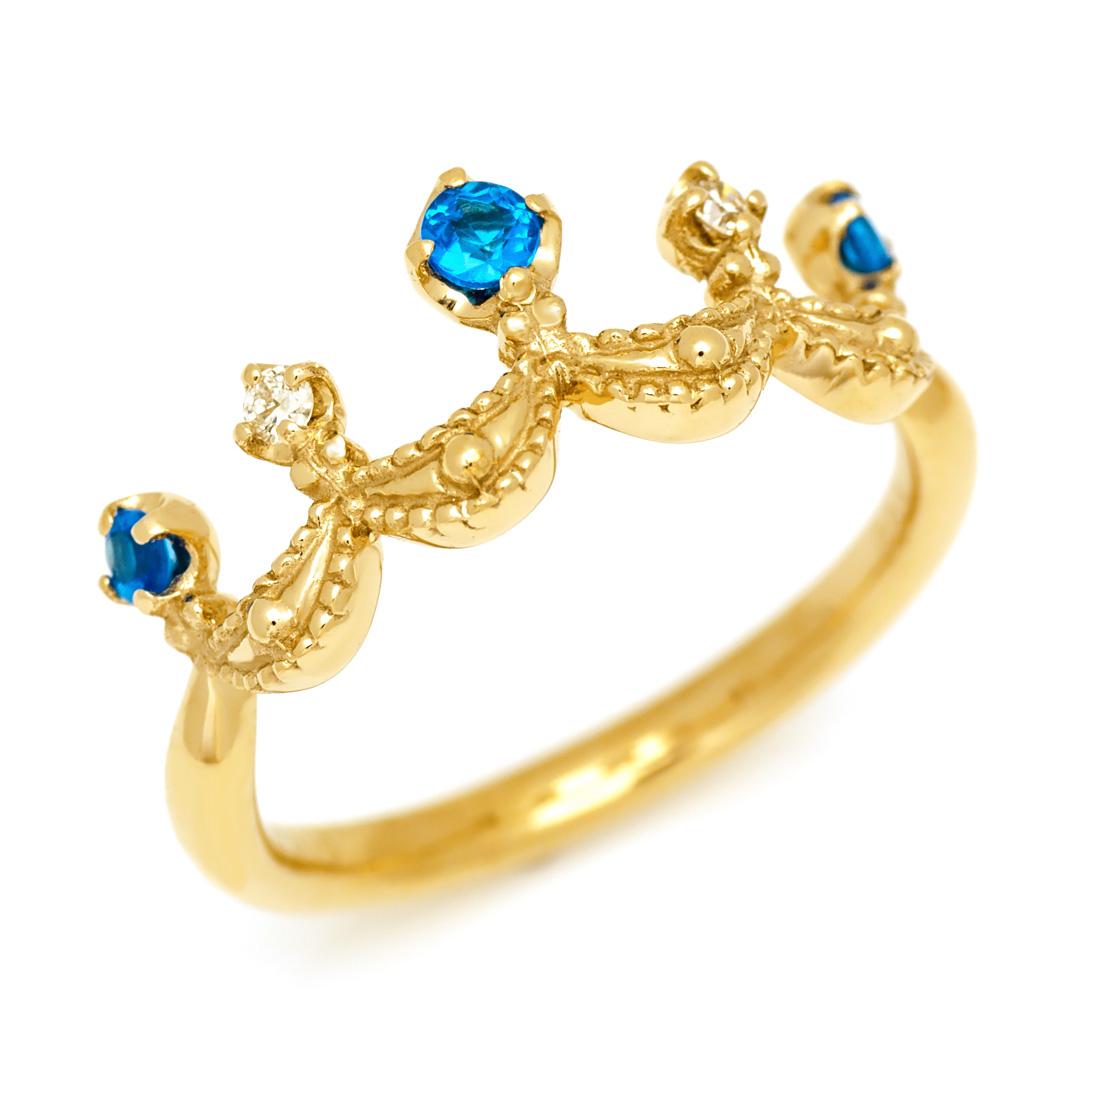 K18 ネオンブルーアパタイト ダイヤモンド リング 「regina」送料無料 指輪 ゴールド 18K 18金 ダイアモンド ティアラ クラウン 王冠 刻印 文字入れ メッセージ ギフト 贈り物 ピンキーリング対応可能